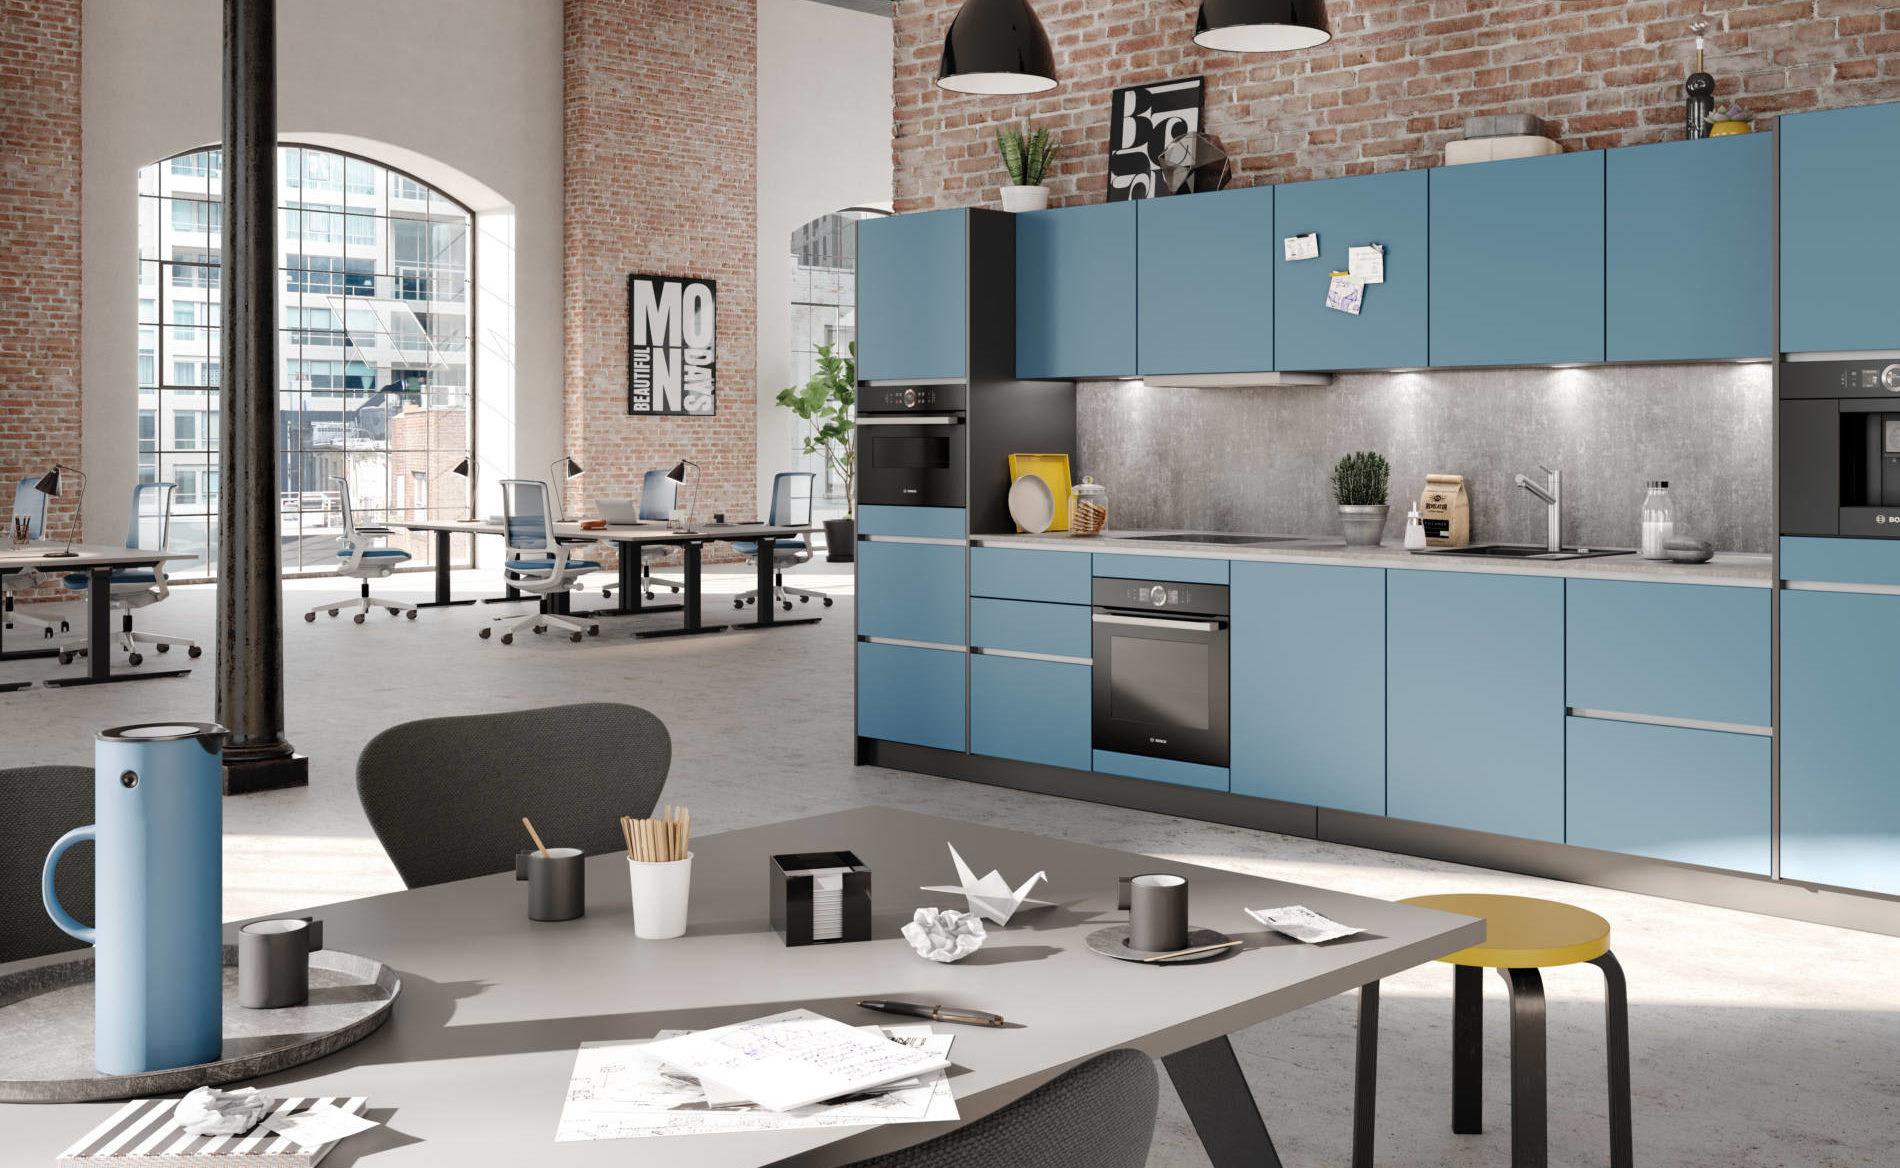 Büroküche CUCINA mit Backofen, Mikrowelle und Kaffeeautomat (Palmberg)